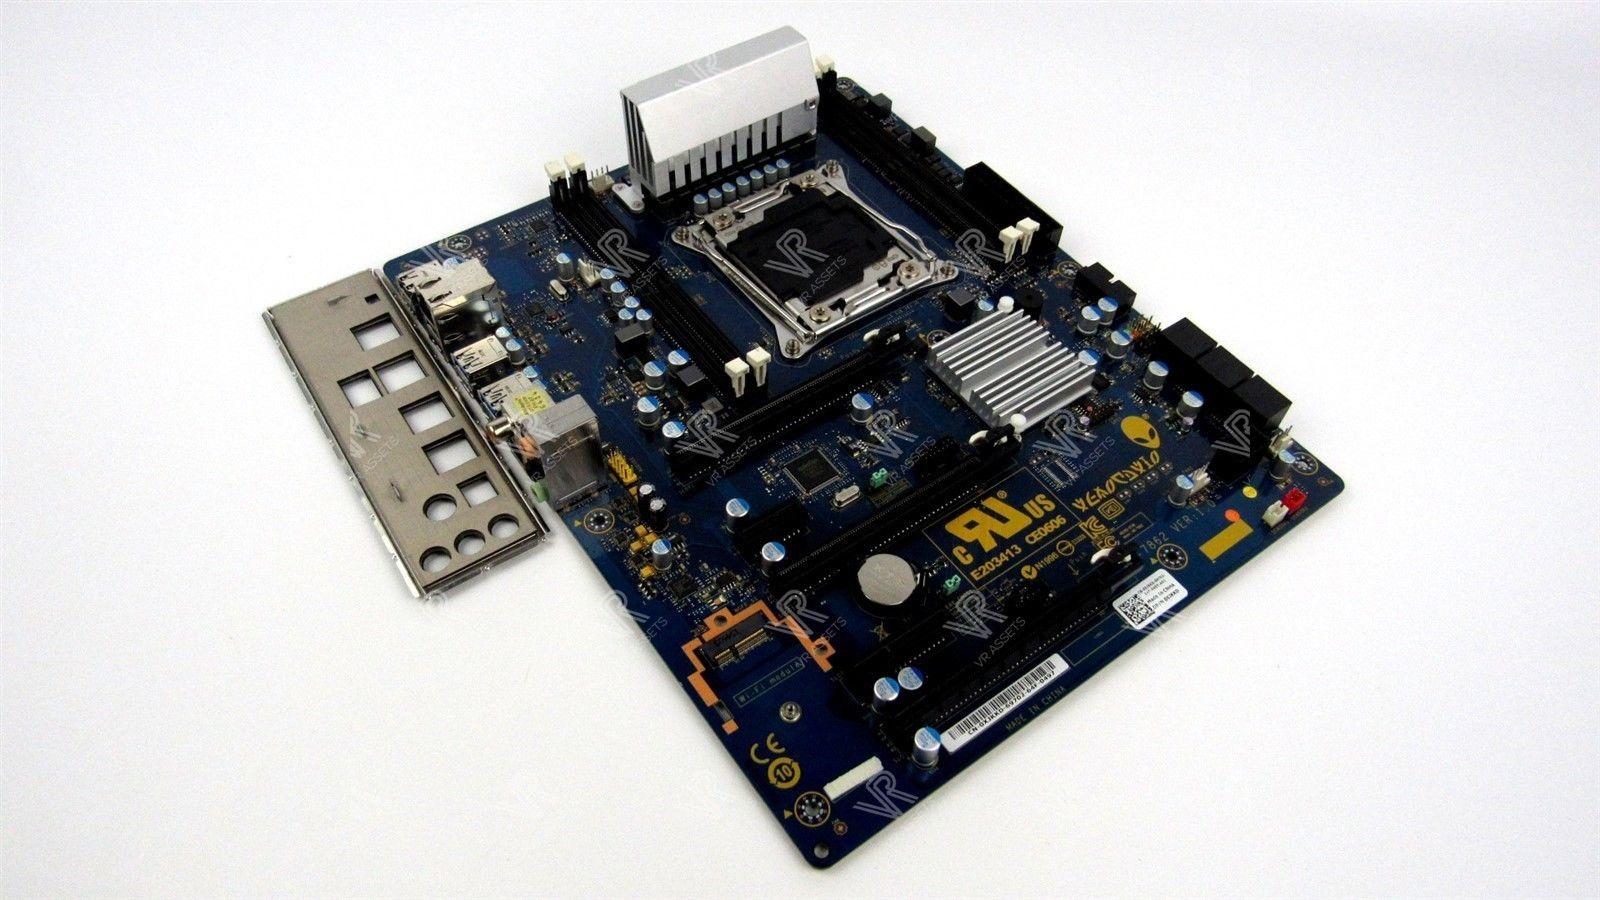 Dell Alienware Area 51 R2 Intel Desktop Motherboard MS-7862 XJKKD 0XJKKD